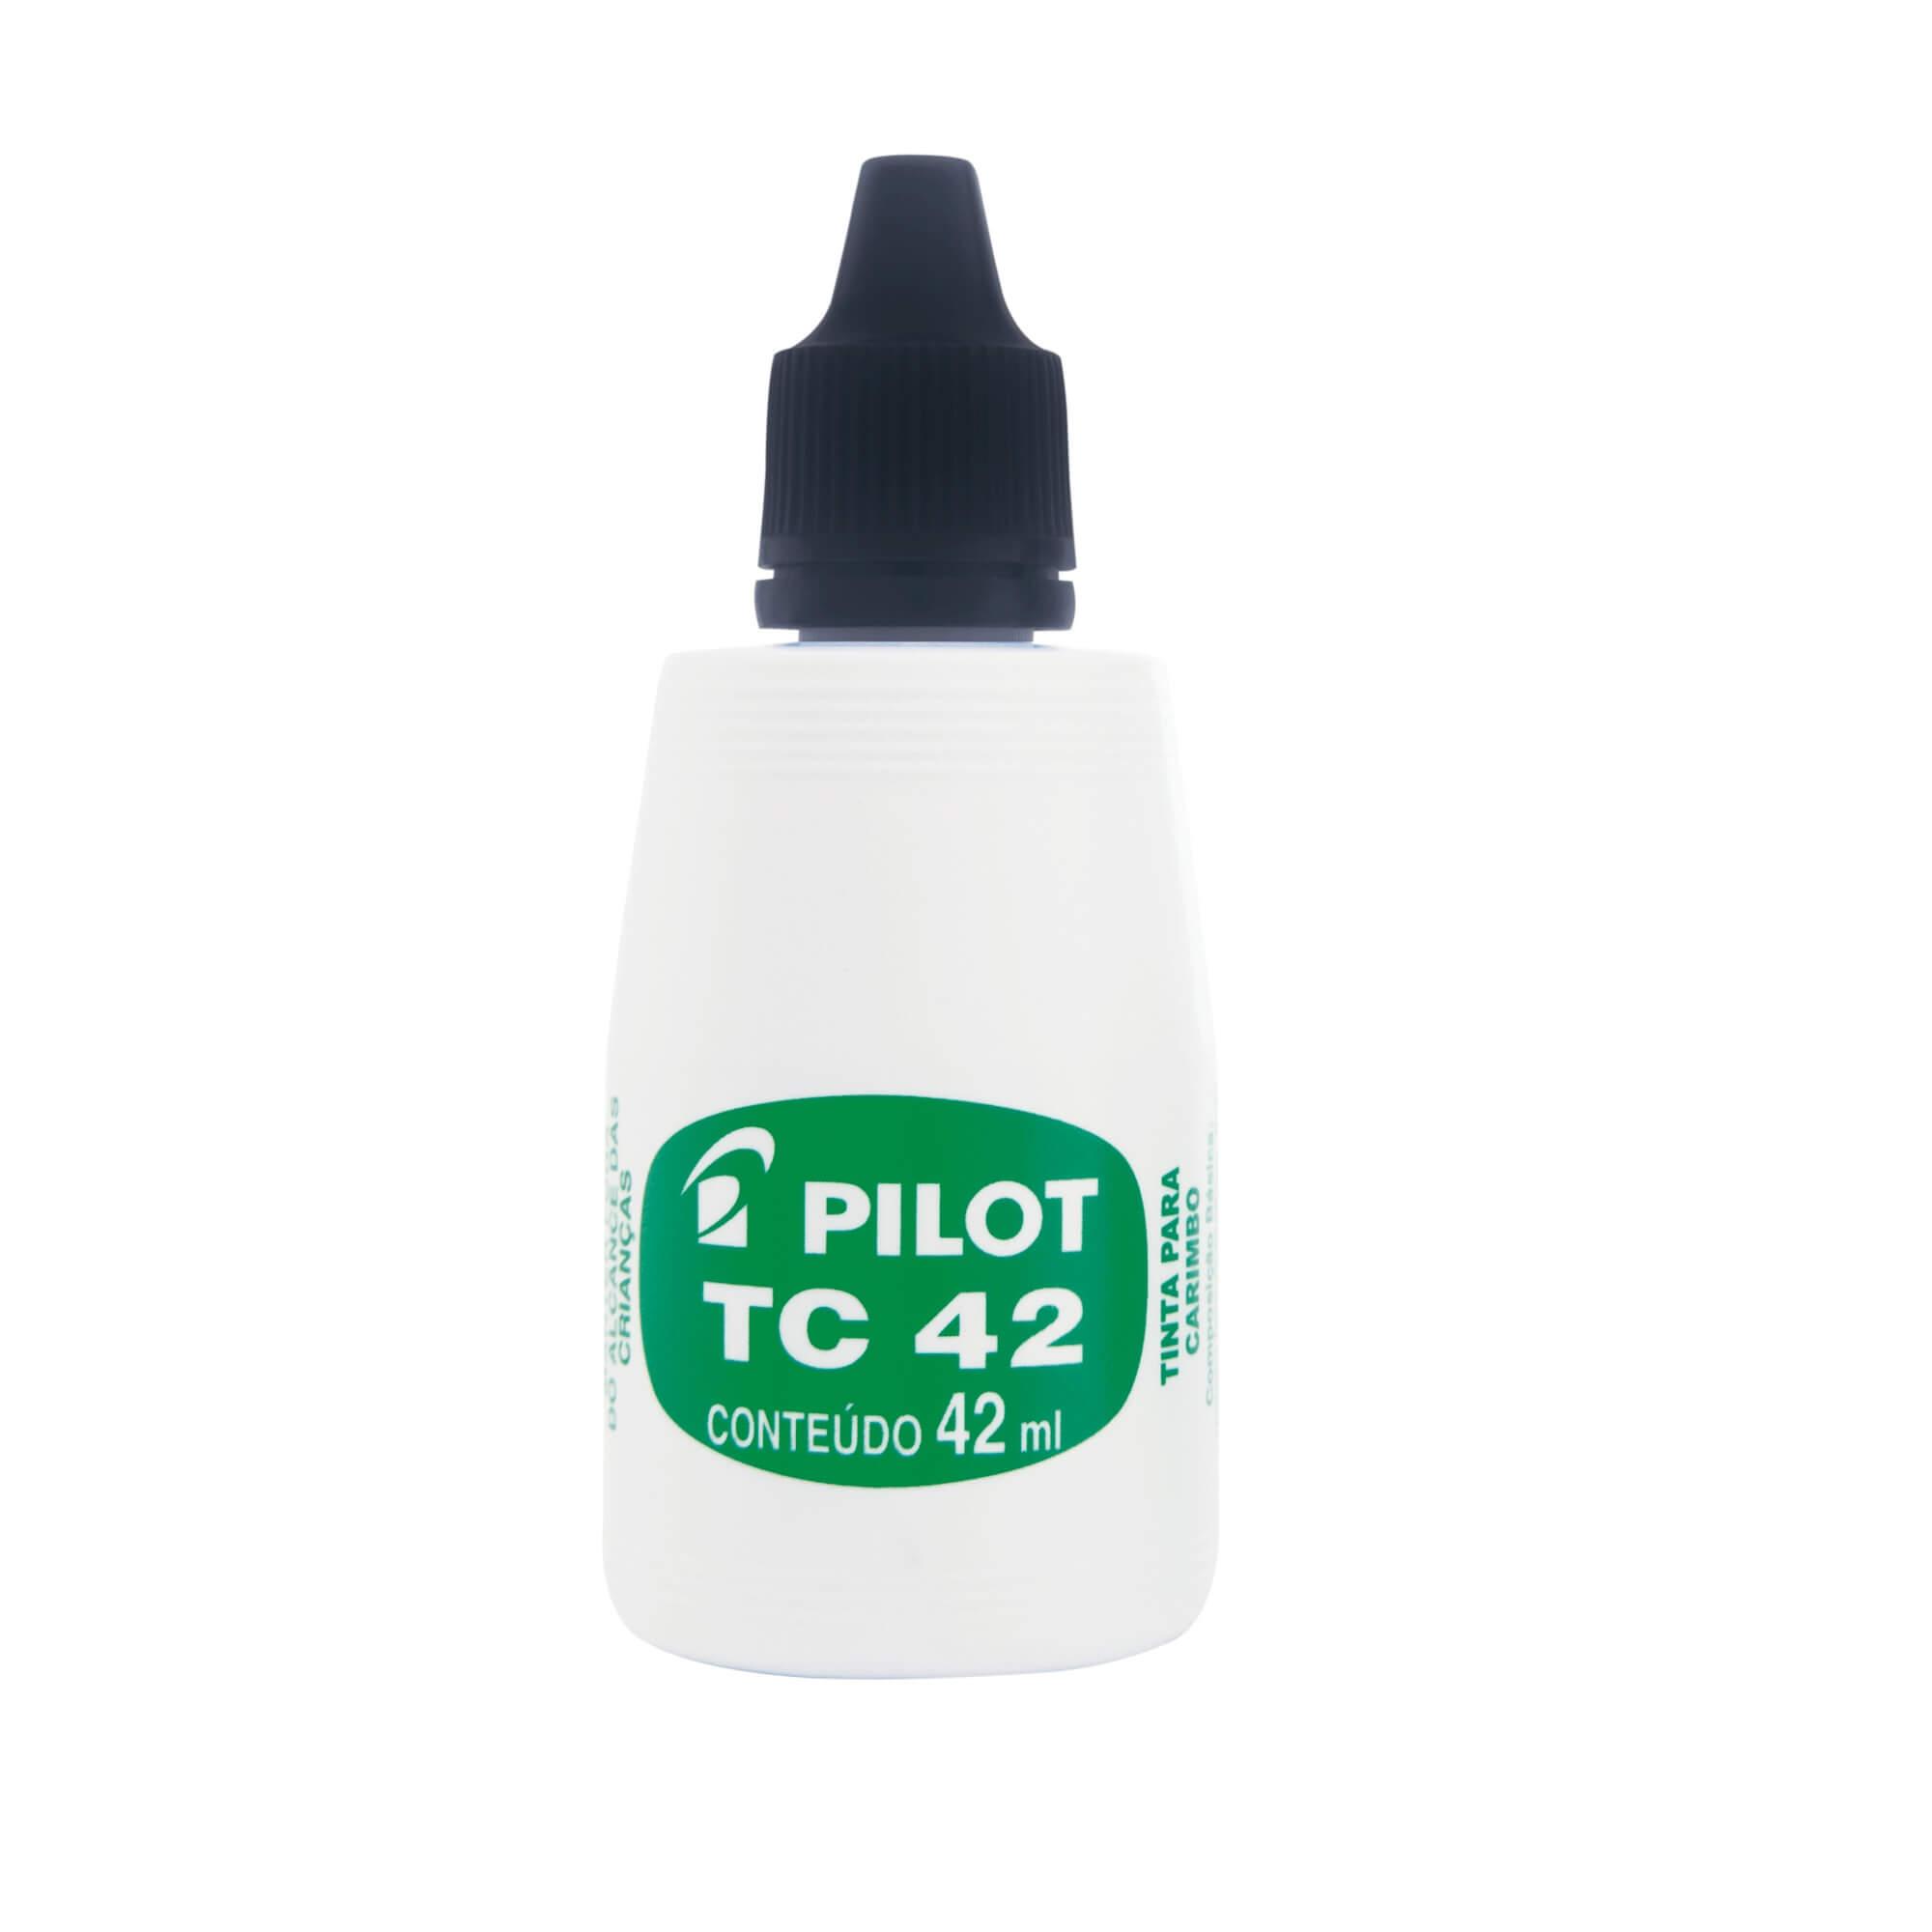 TINTA PARA CARIMBO PILOT TC 42 PRETA 42 ML